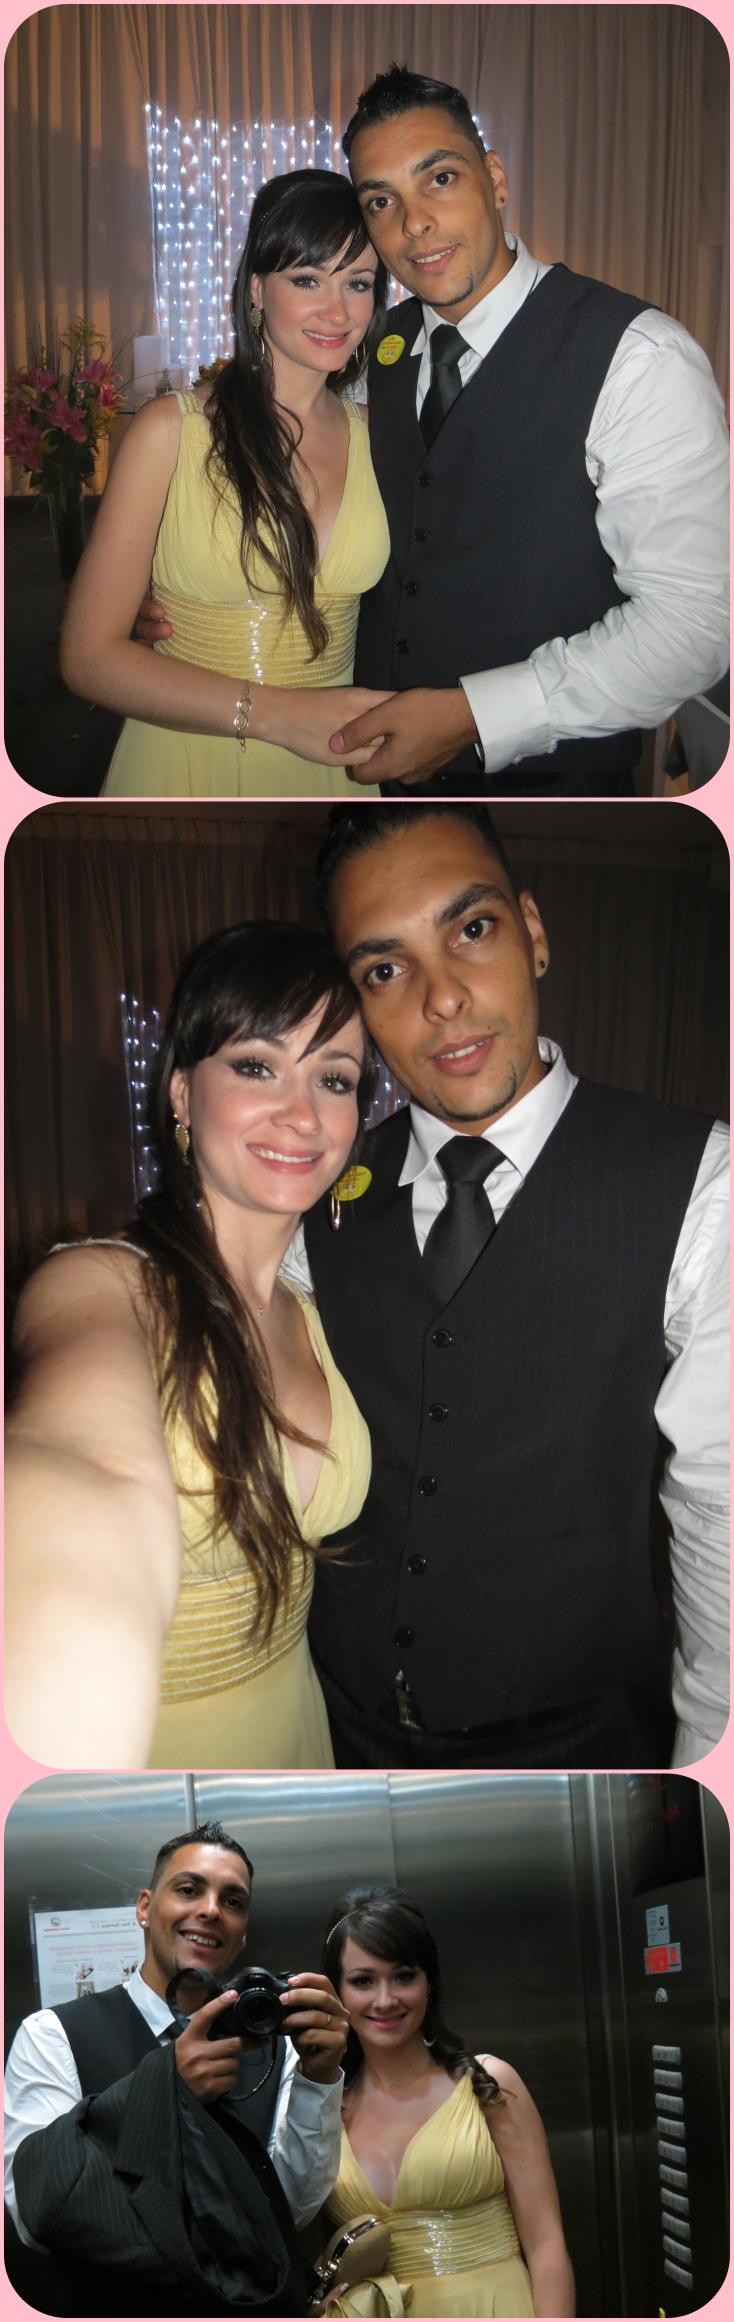 casamento Karen e Rodolfo 305-vert